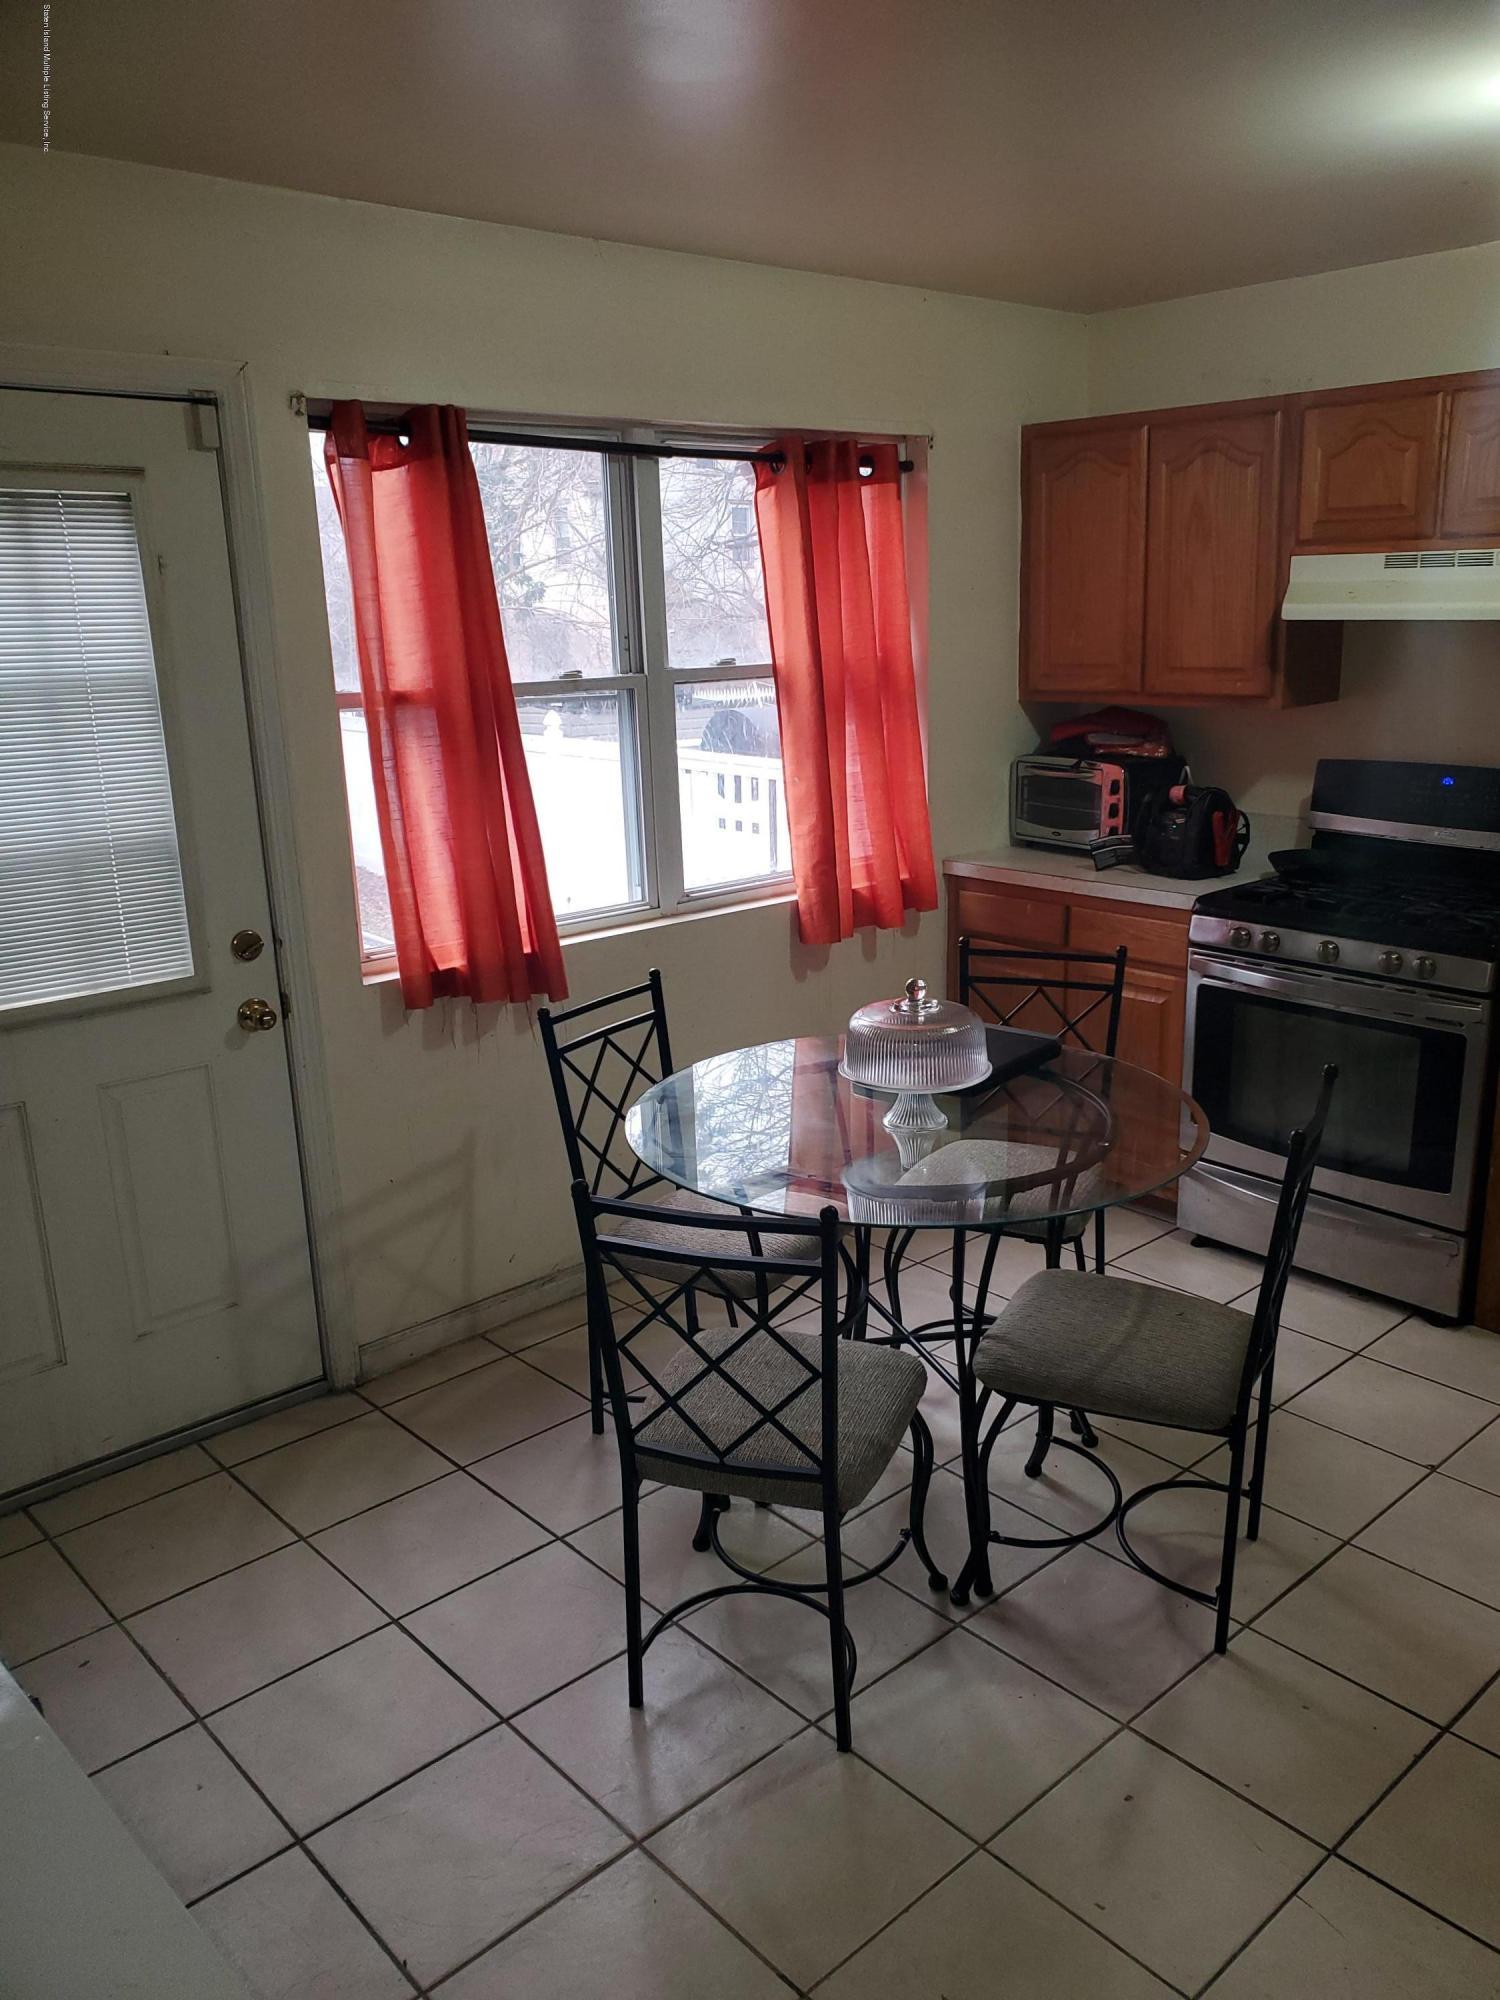 74 Elm Street,Staten Island,New York,10310,United States,3 Bedrooms Bedrooms,5 Rooms Rooms,3 BathroomsBathrooms,Residential,Elm,1135687